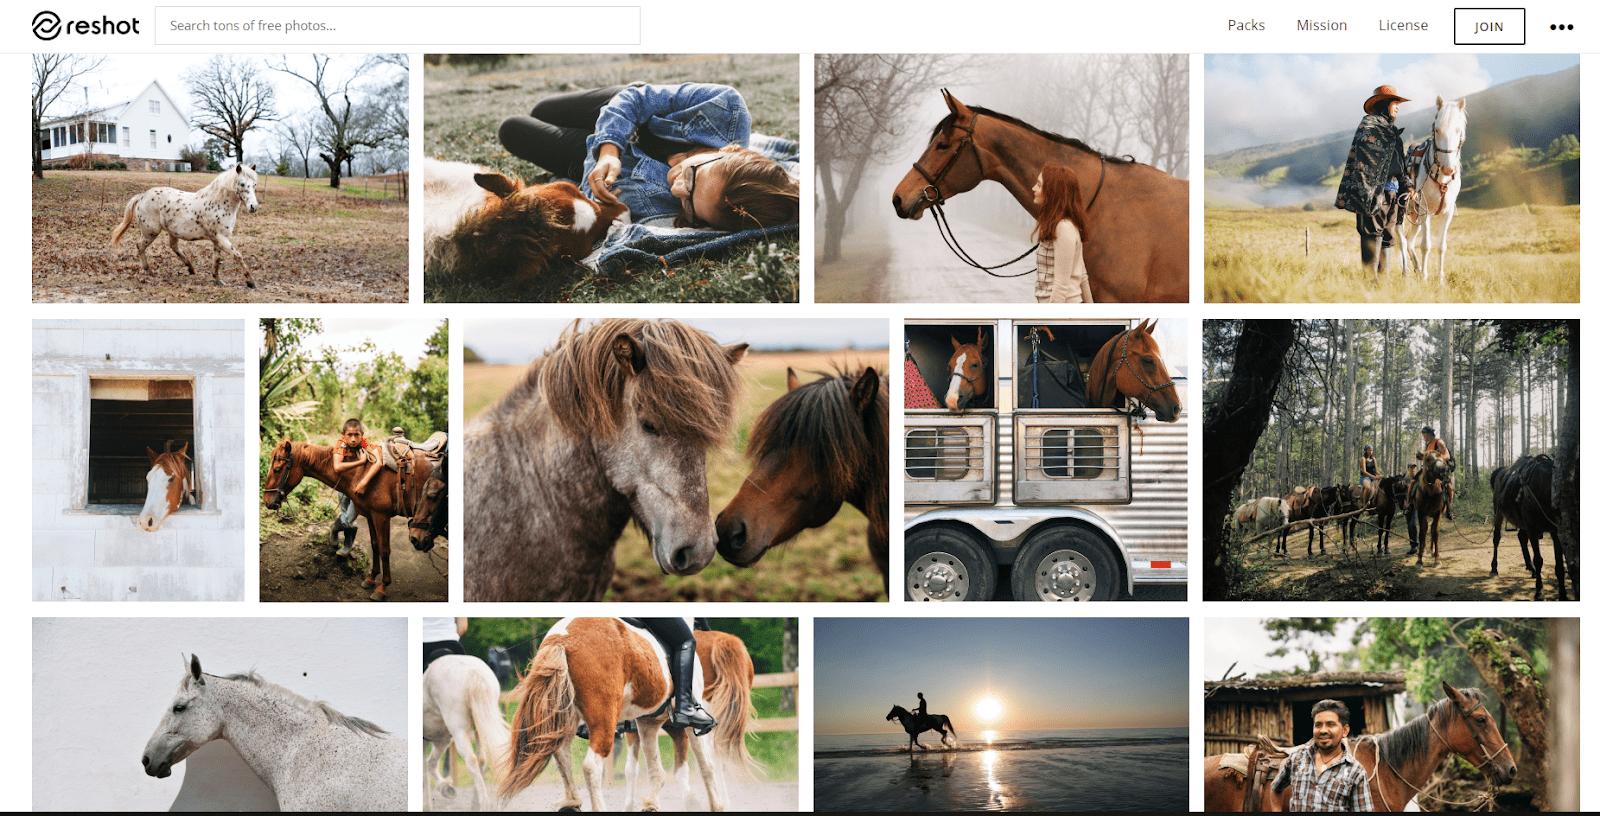 Фотографии по запросу «лошадь». Красиво, неизбито, атмосферно